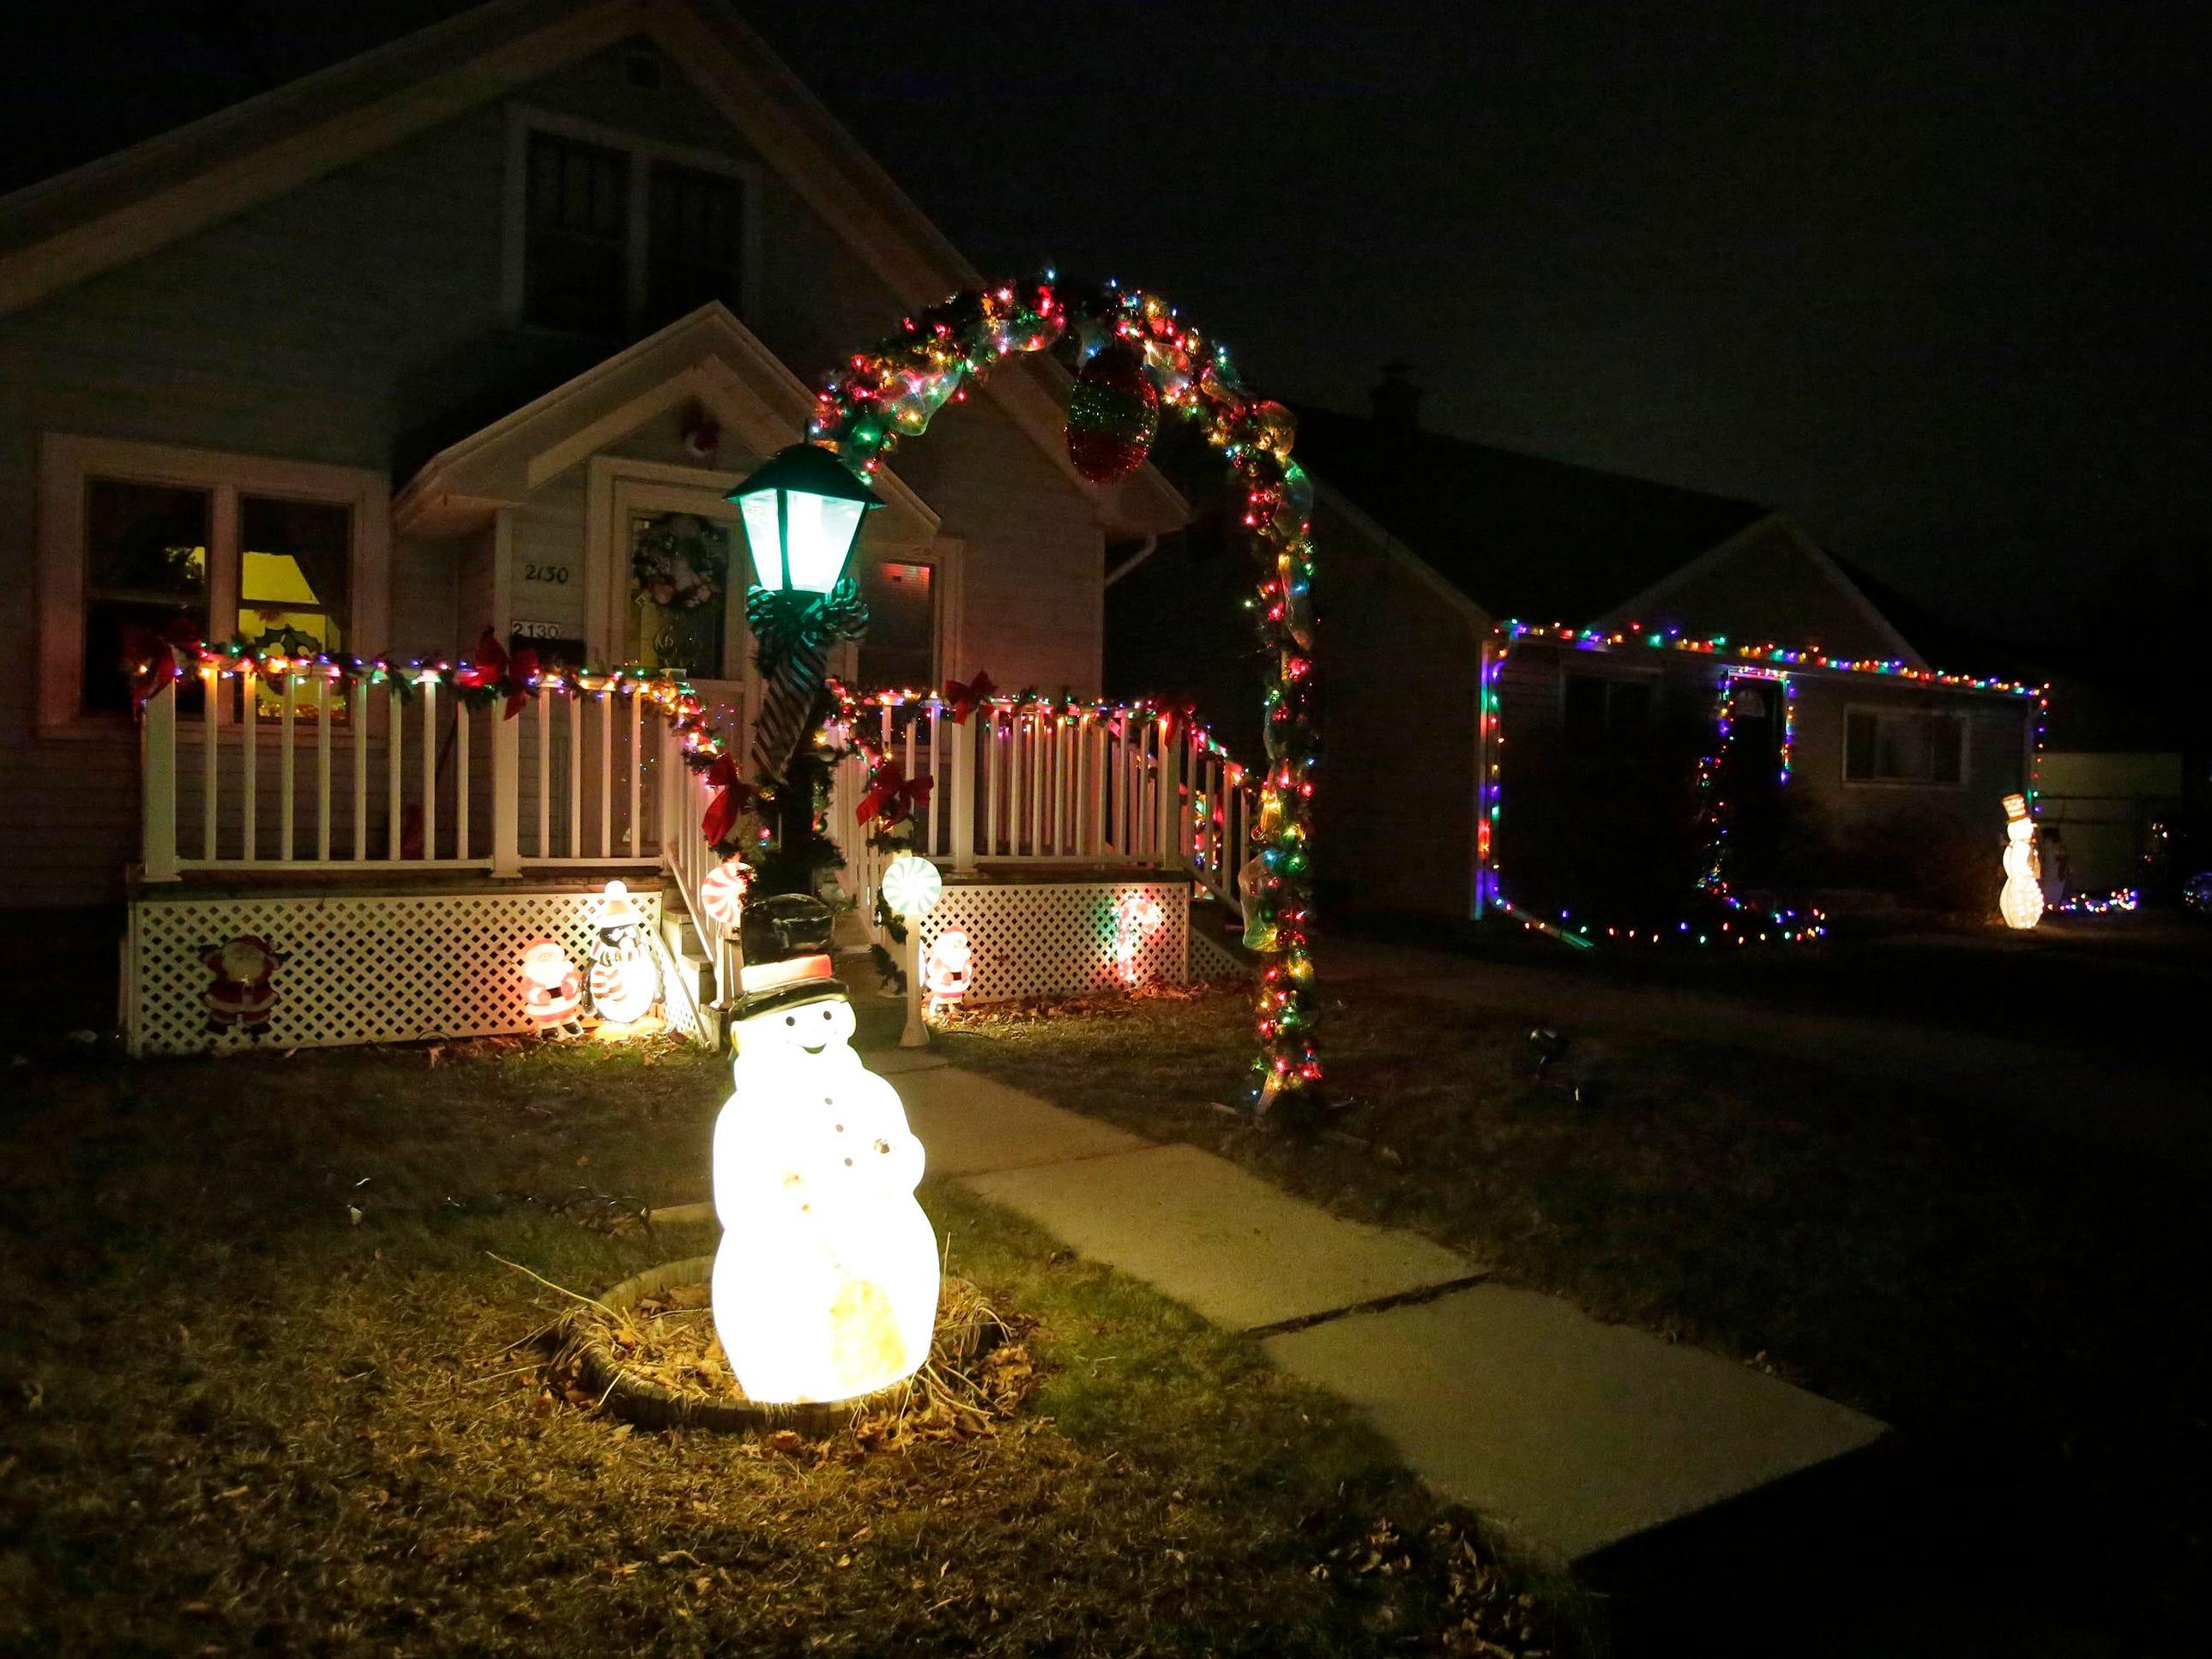 Holiday lights on Sheboygan's North side, Thursday, December 20, 2018, in Sheboygan, Wis.